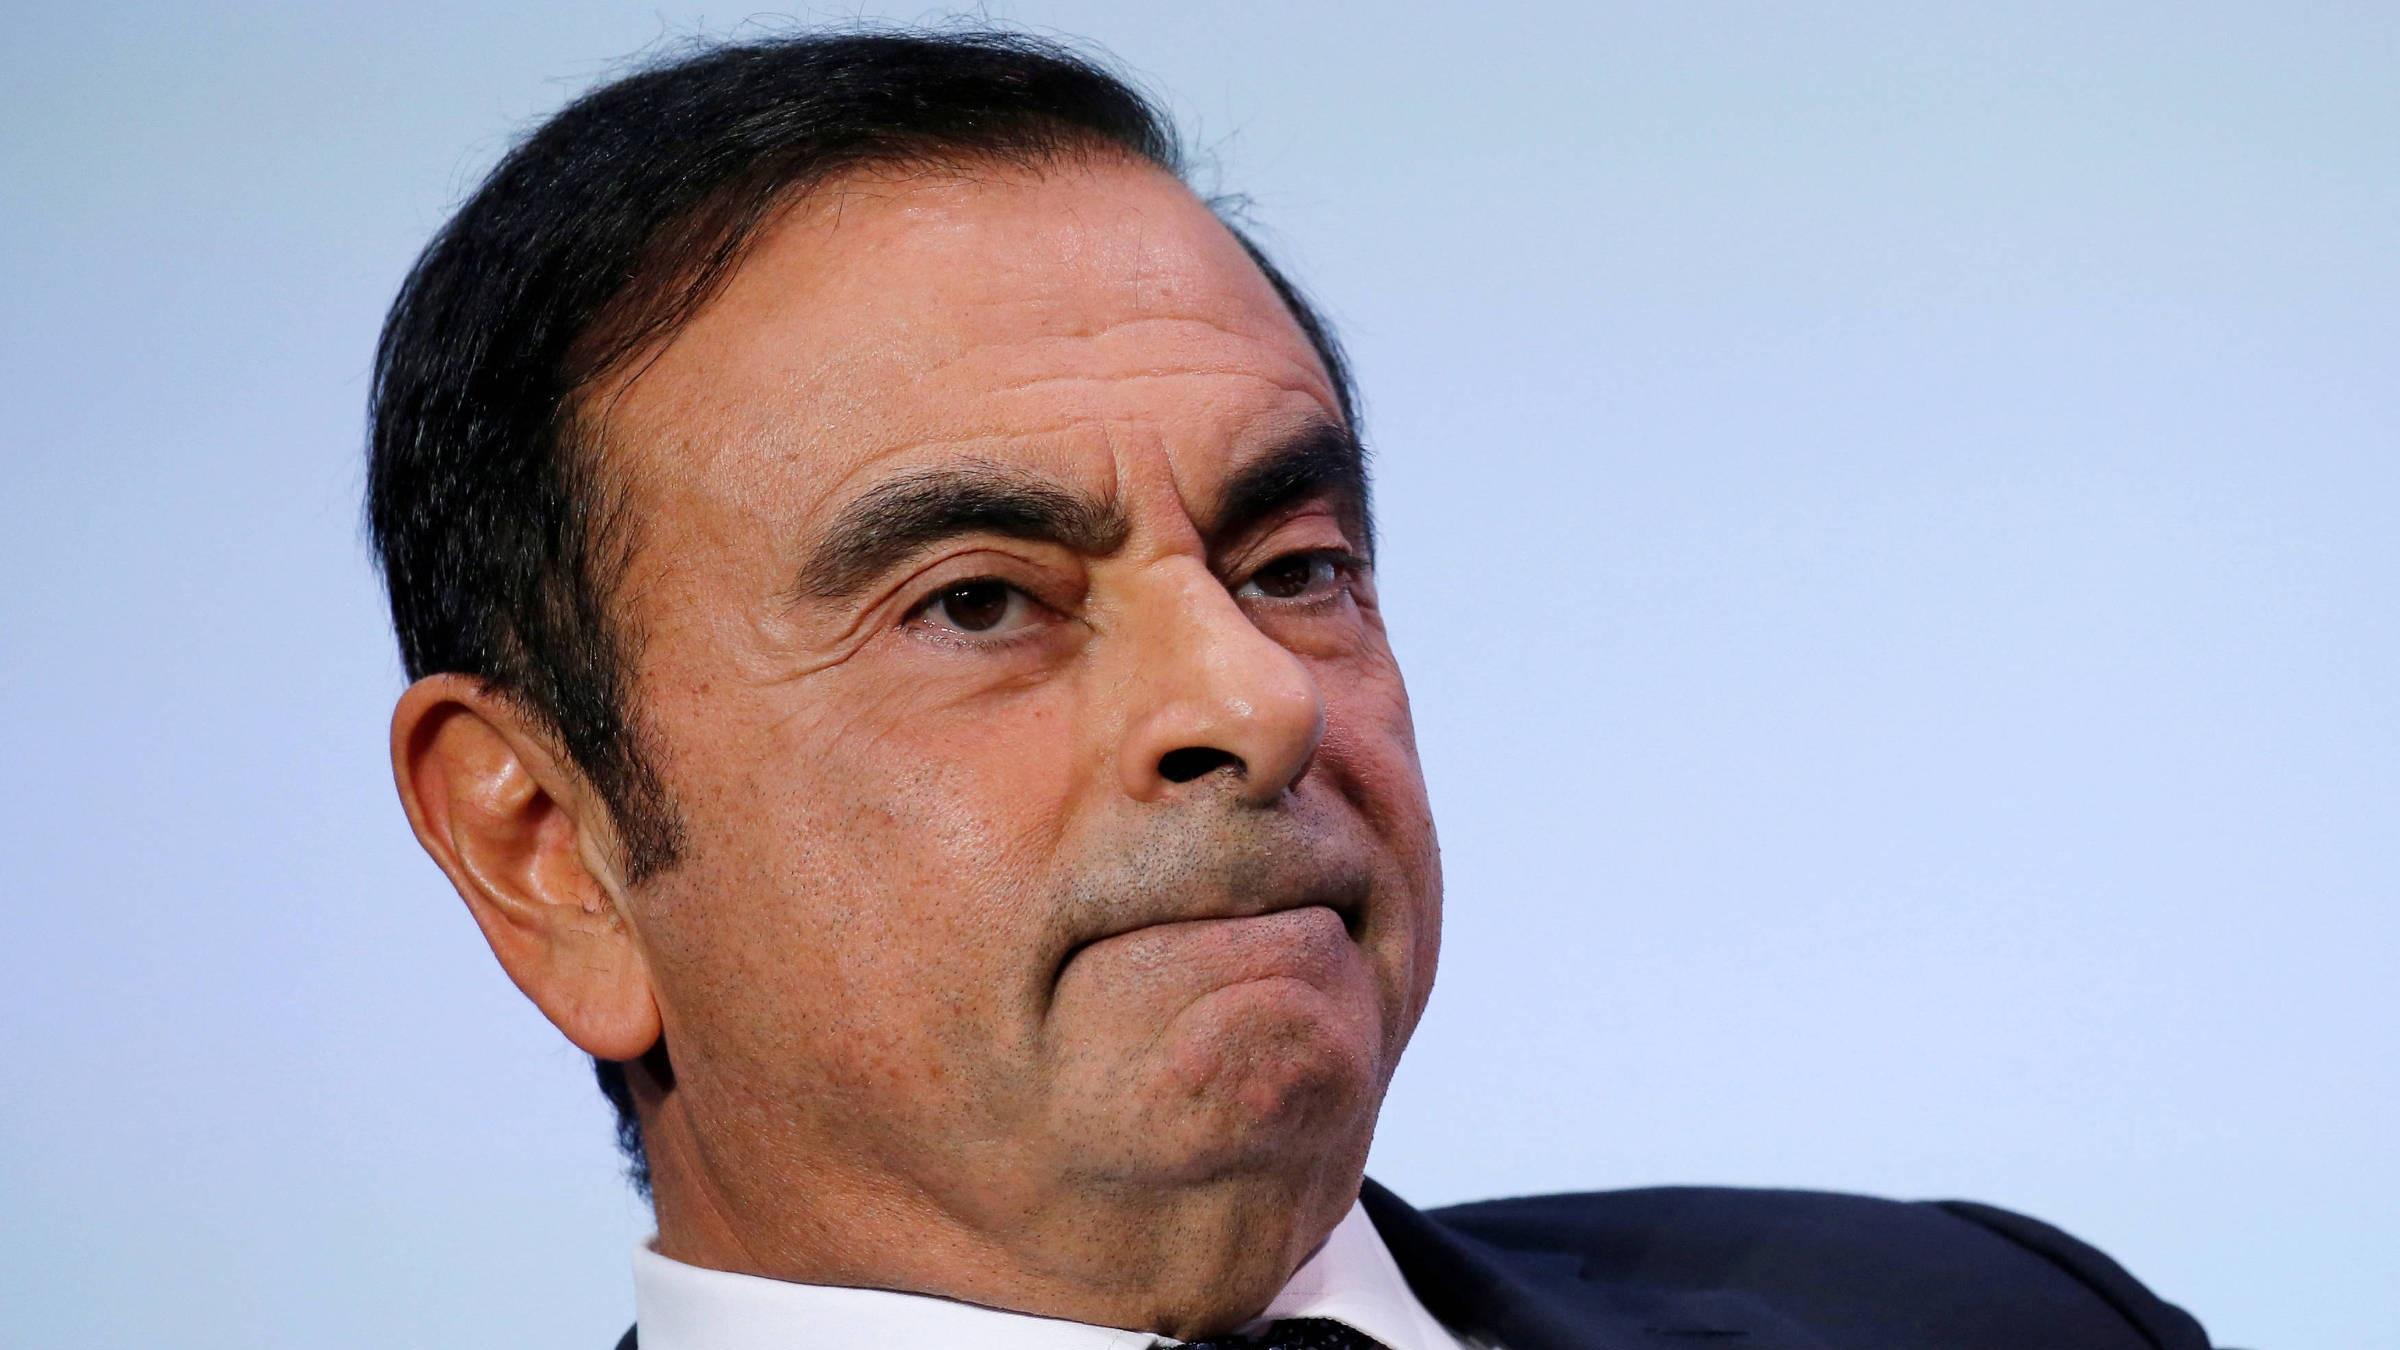 Ghosn rechaza acusaciones de irregularidades financieras en Nissan